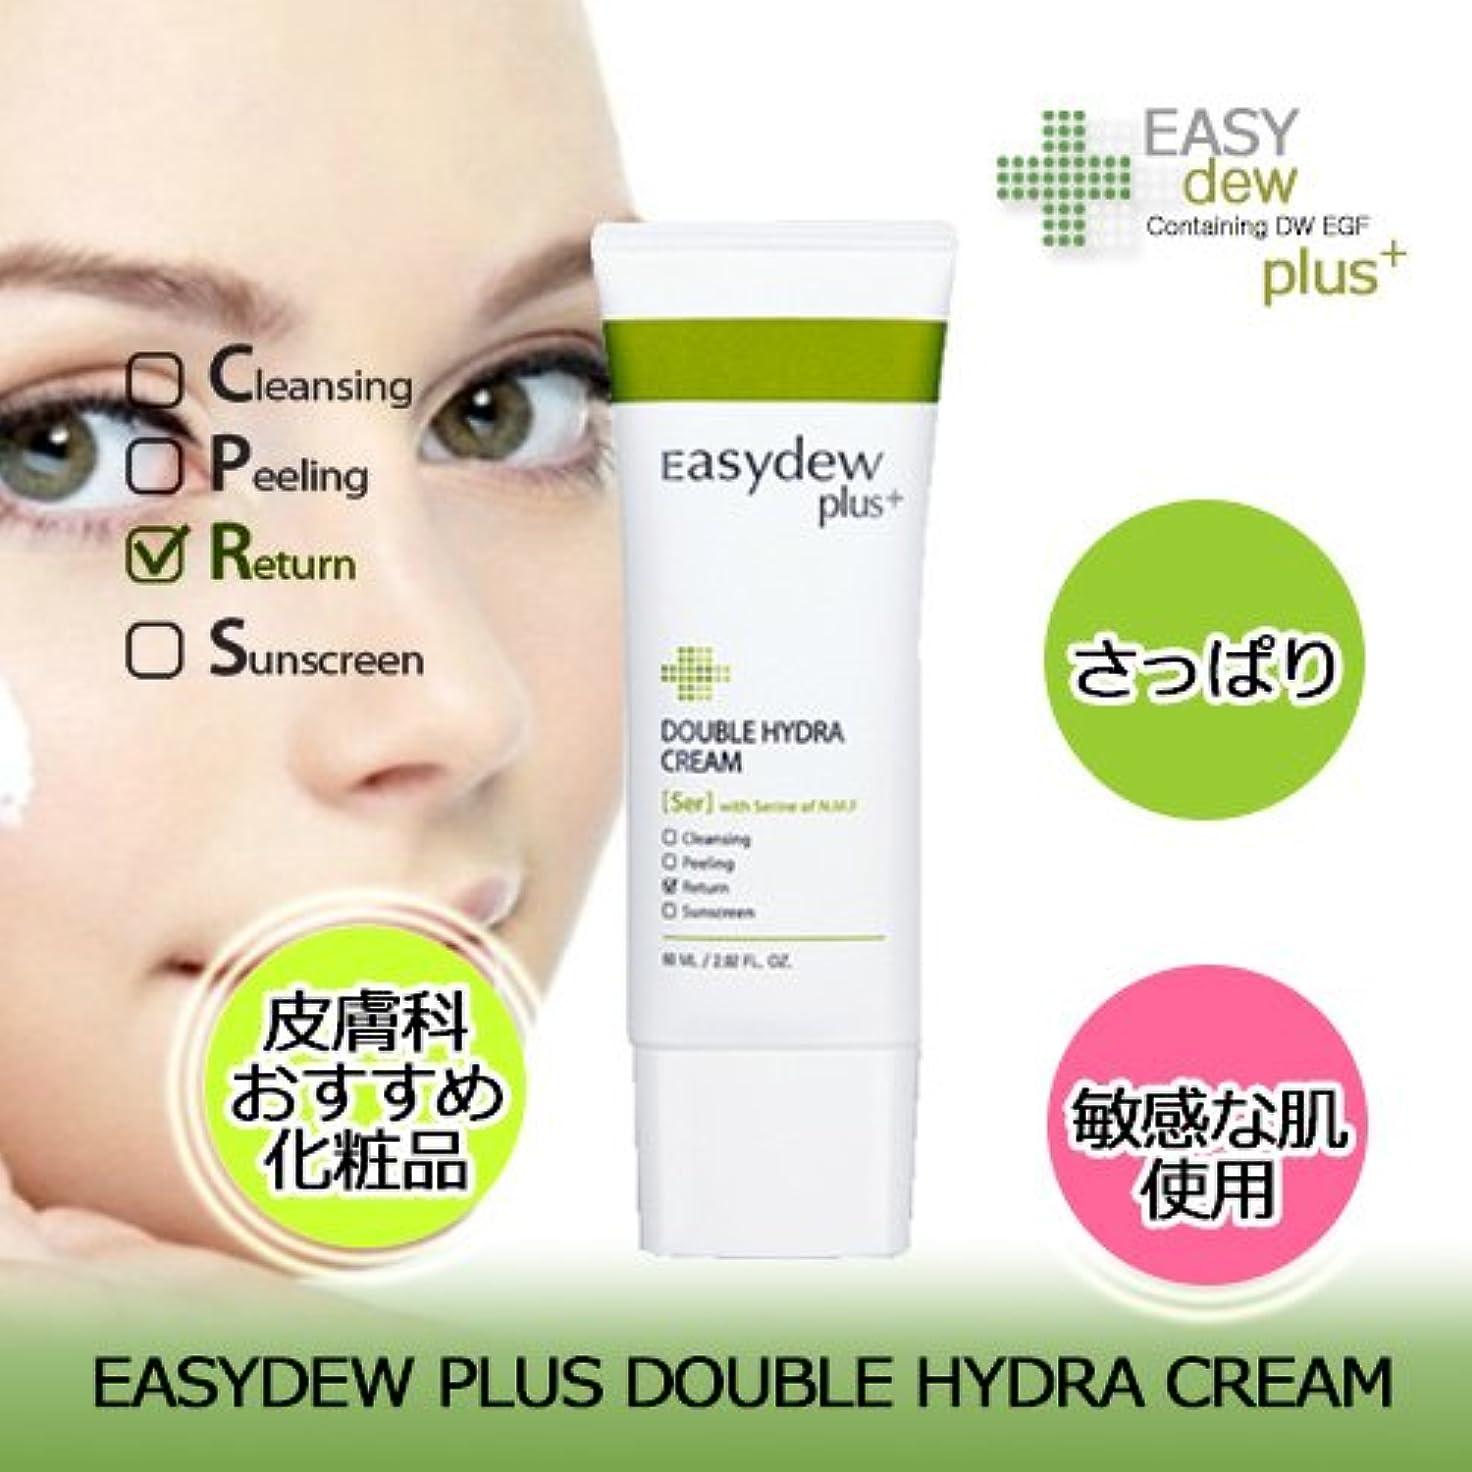 バイオリン弾性広げるEASYDEW plus【イージーデュープラスダブルハイドラクリーム 60ml】 easydew plus double hydra cream 60ml